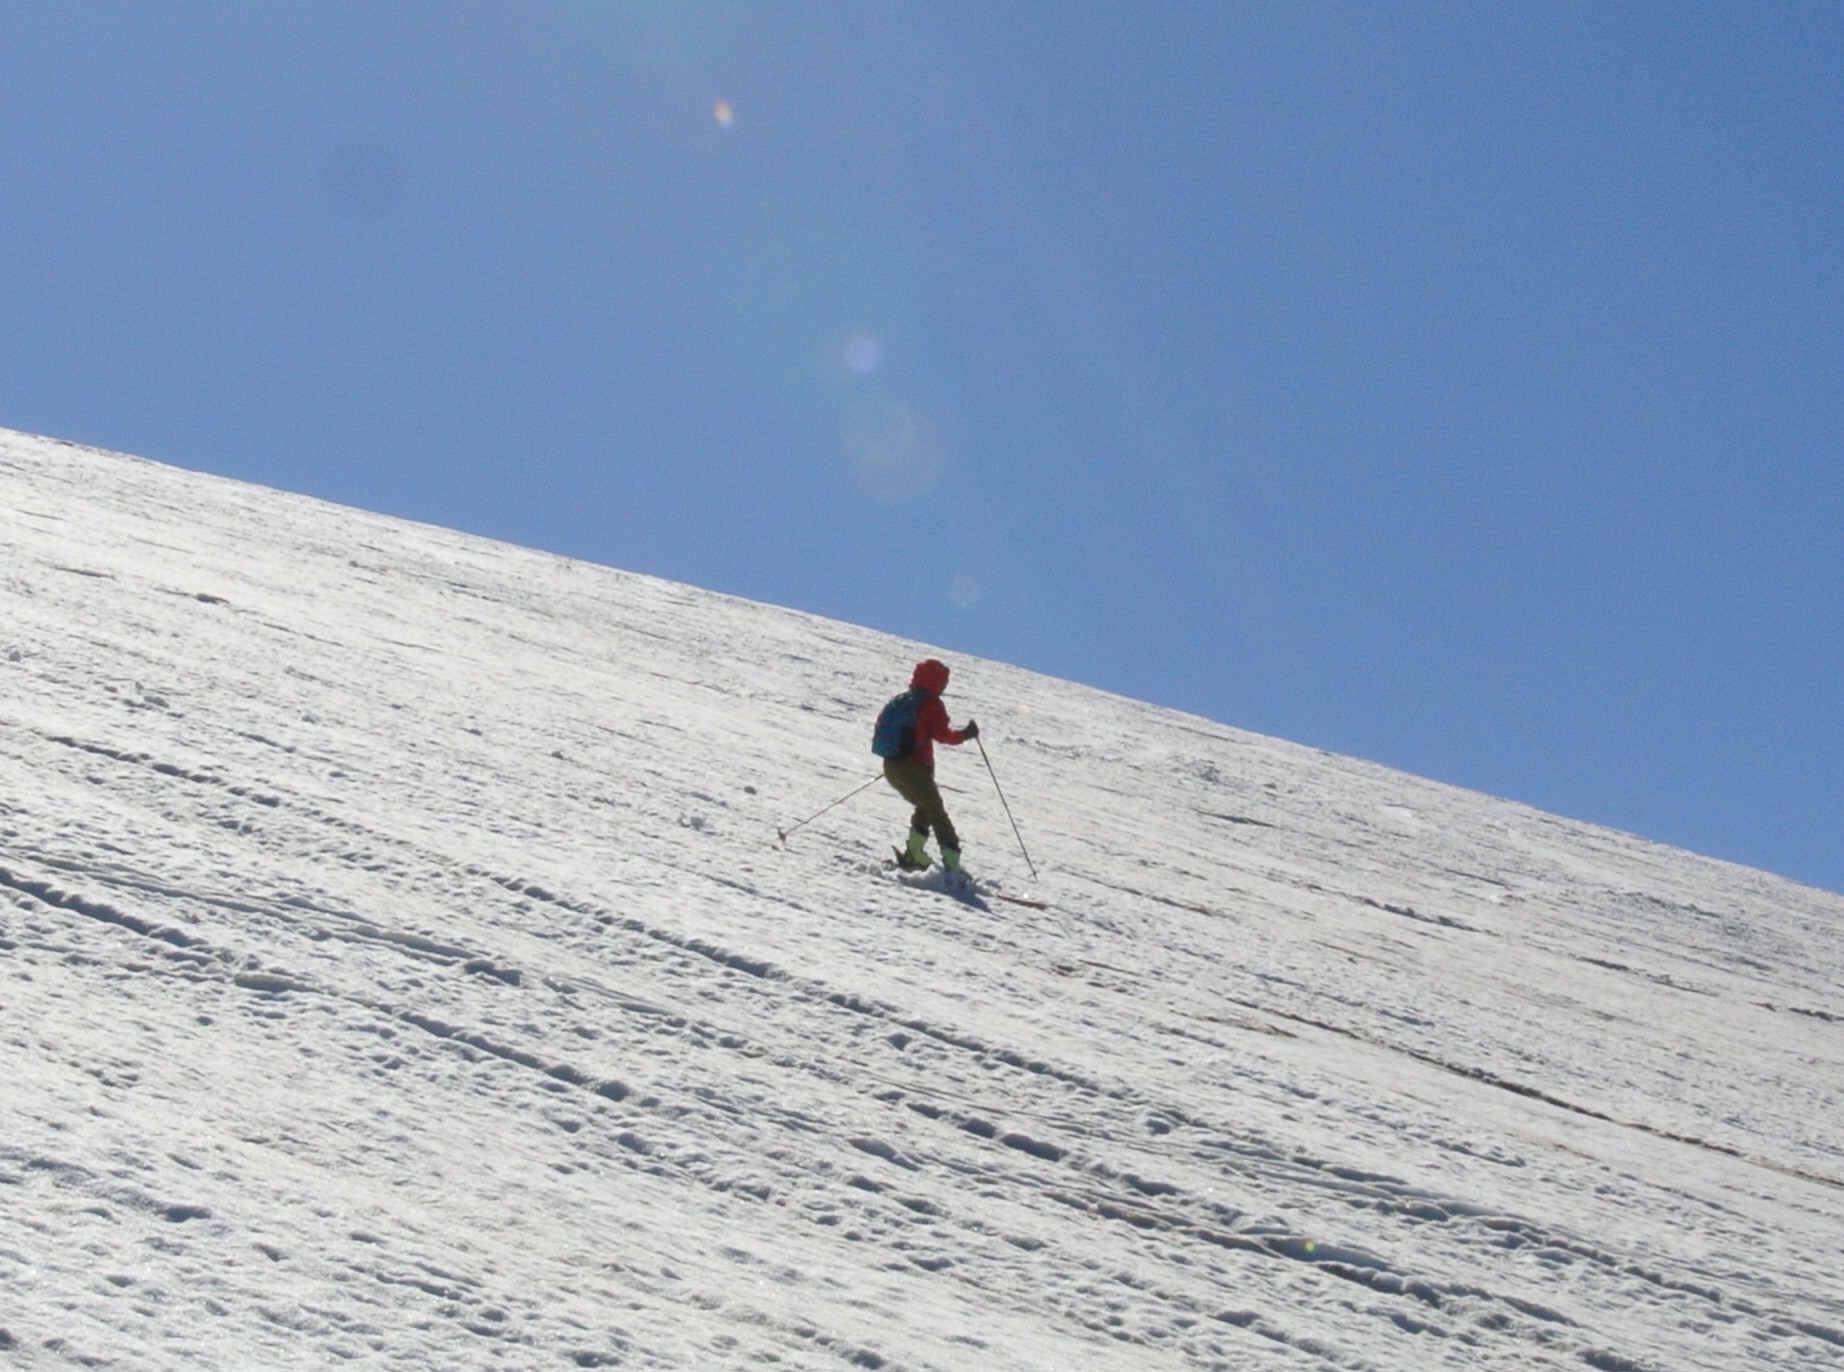 2013年5月31日残雪豊富な鳥海山祓川口コースで春スキーを楽しむ_c0242406_14315354.jpg